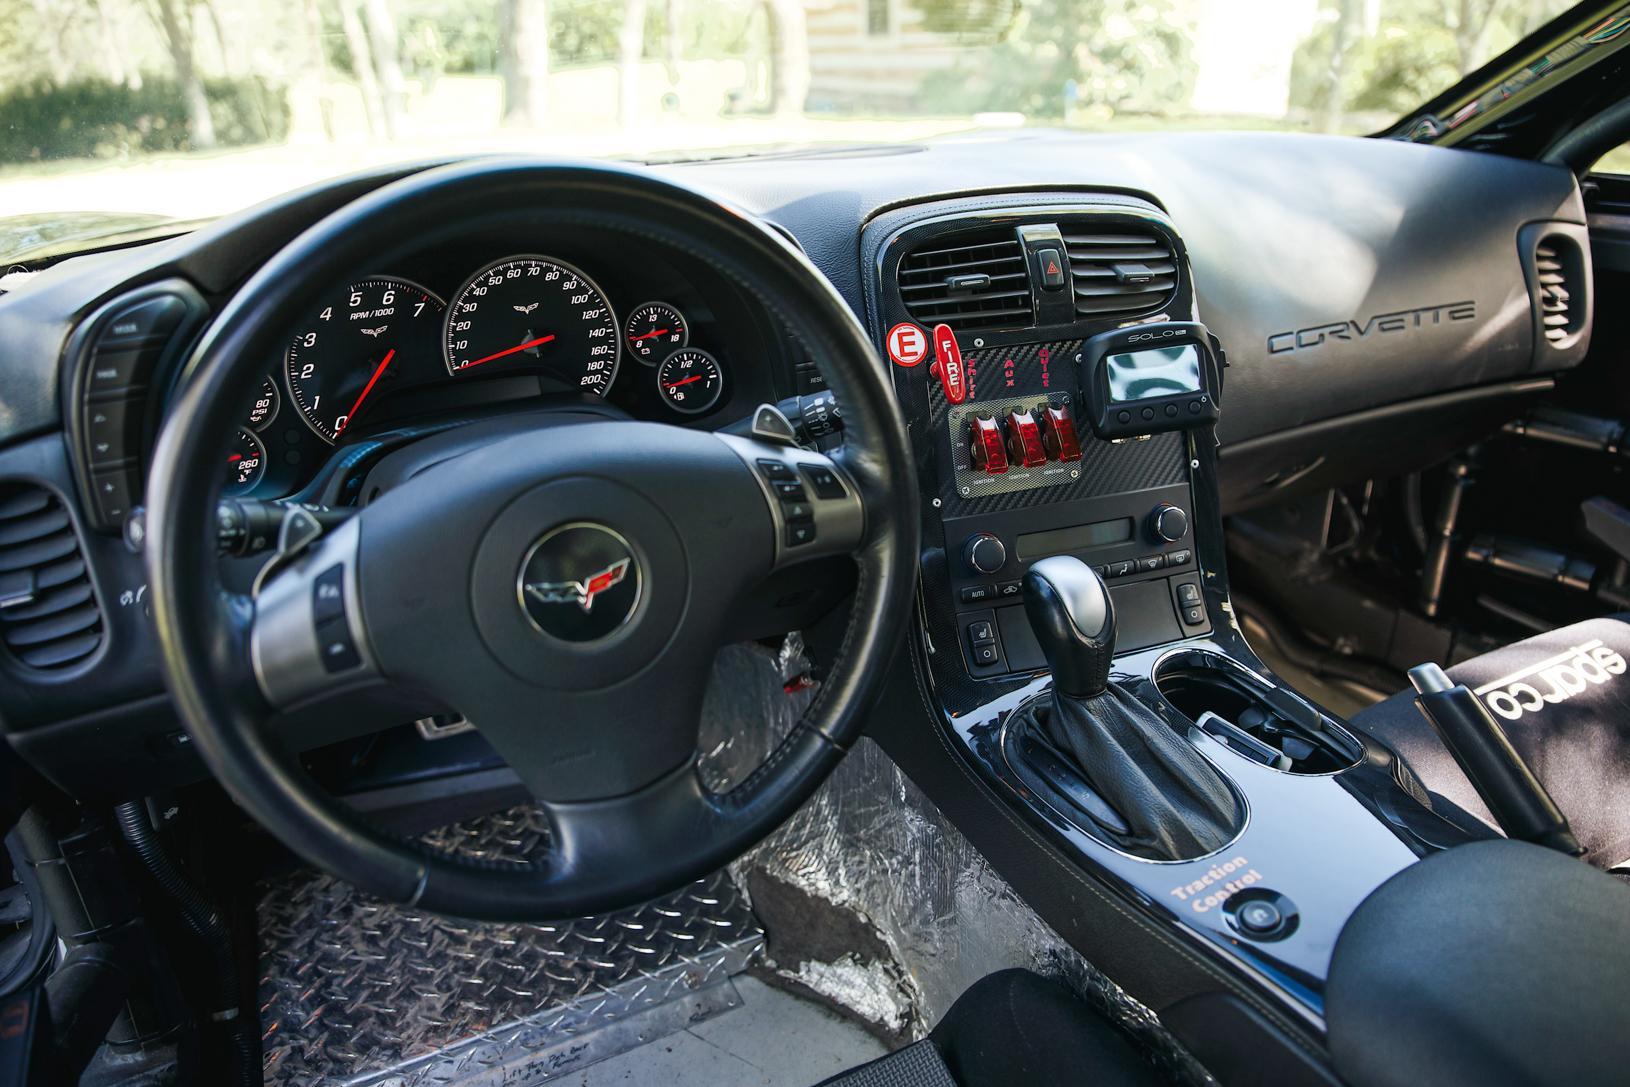 2010 Chevrolet Corvette 'Track Car'